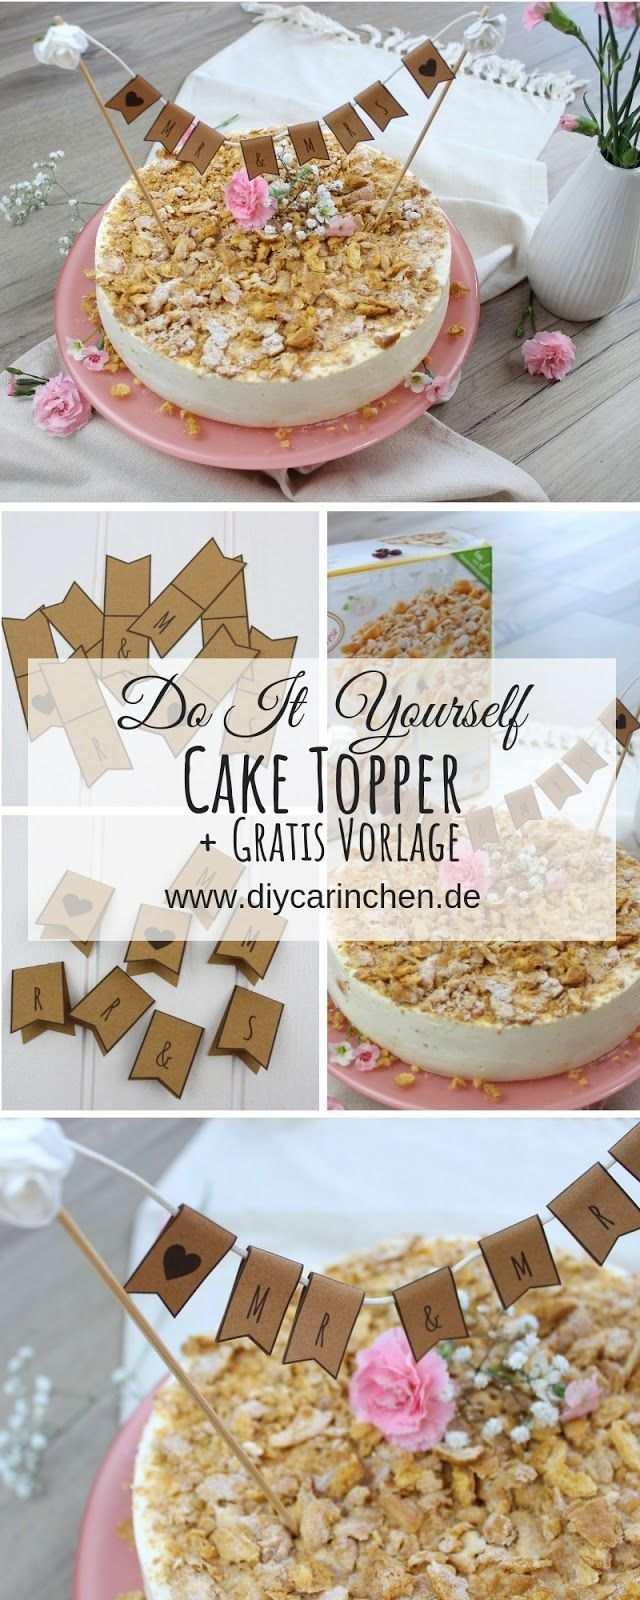 Diy 3 Cake Topper Fur Die Hochzeitstorte Ganz Einfach Selber Machen Hochzeitstorte Einfach Hochzeitstorte Hochzeitstorte Rezept